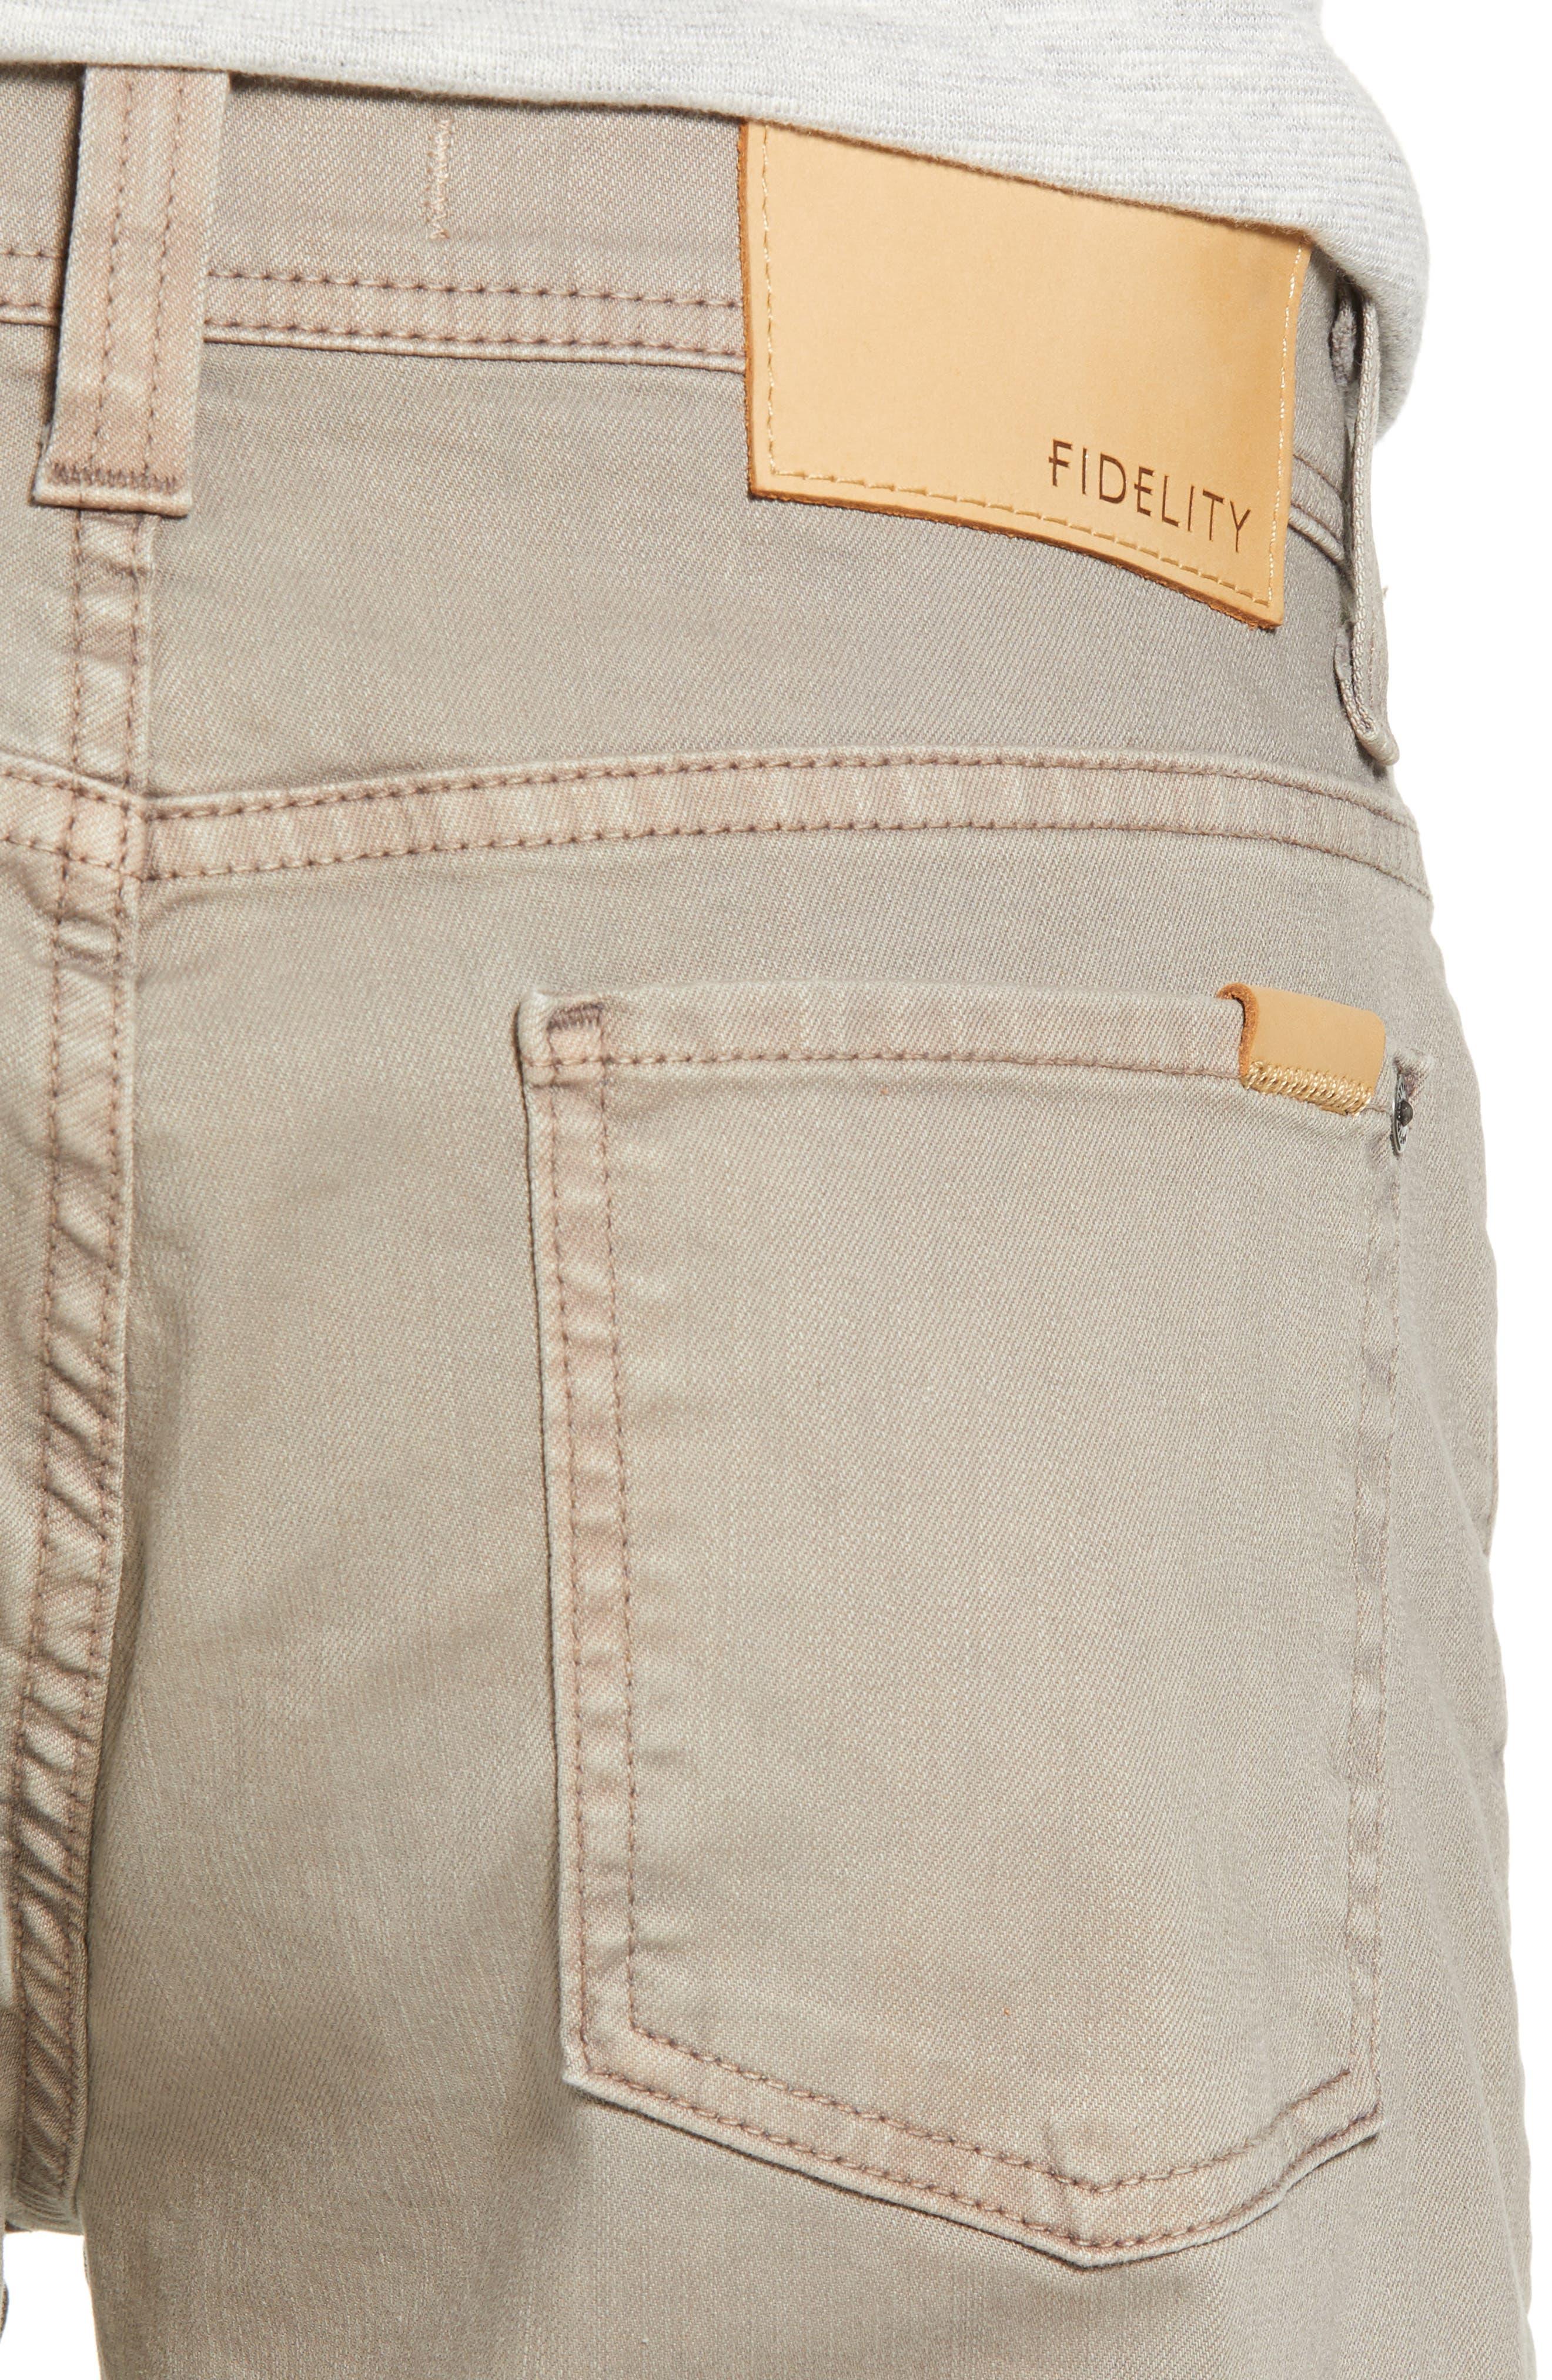 Jimmy Slim Straight Leg Jeans,                             Alternate thumbnail 4, color,                             KHAKI